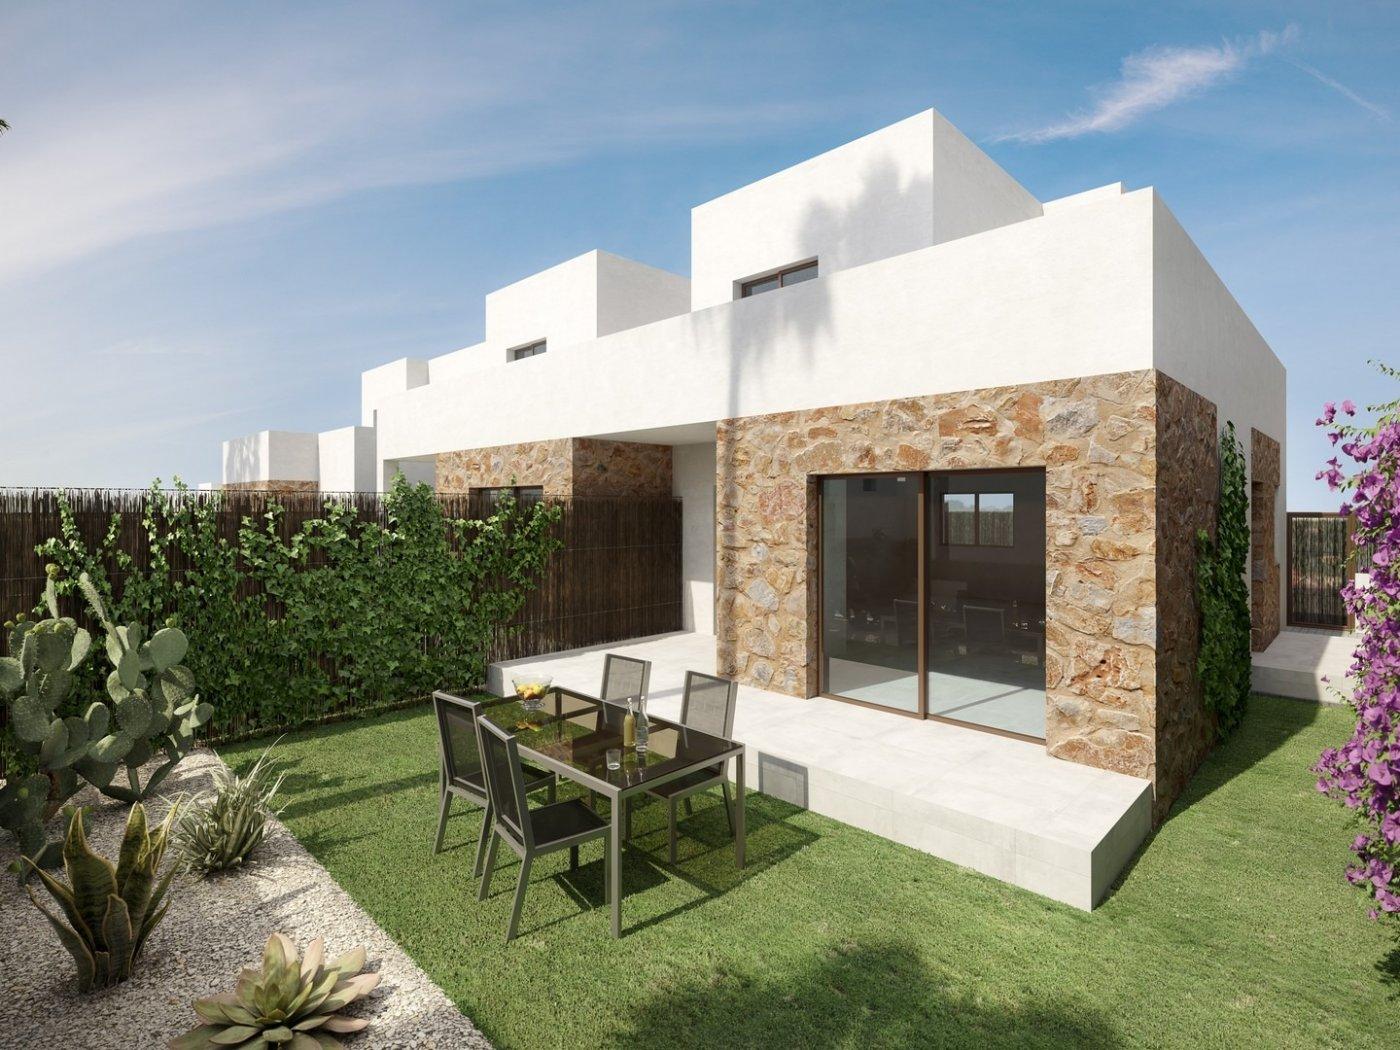 Nuevas villas pareadas e independientes en orihuela costa !!! - imagenInmueble1